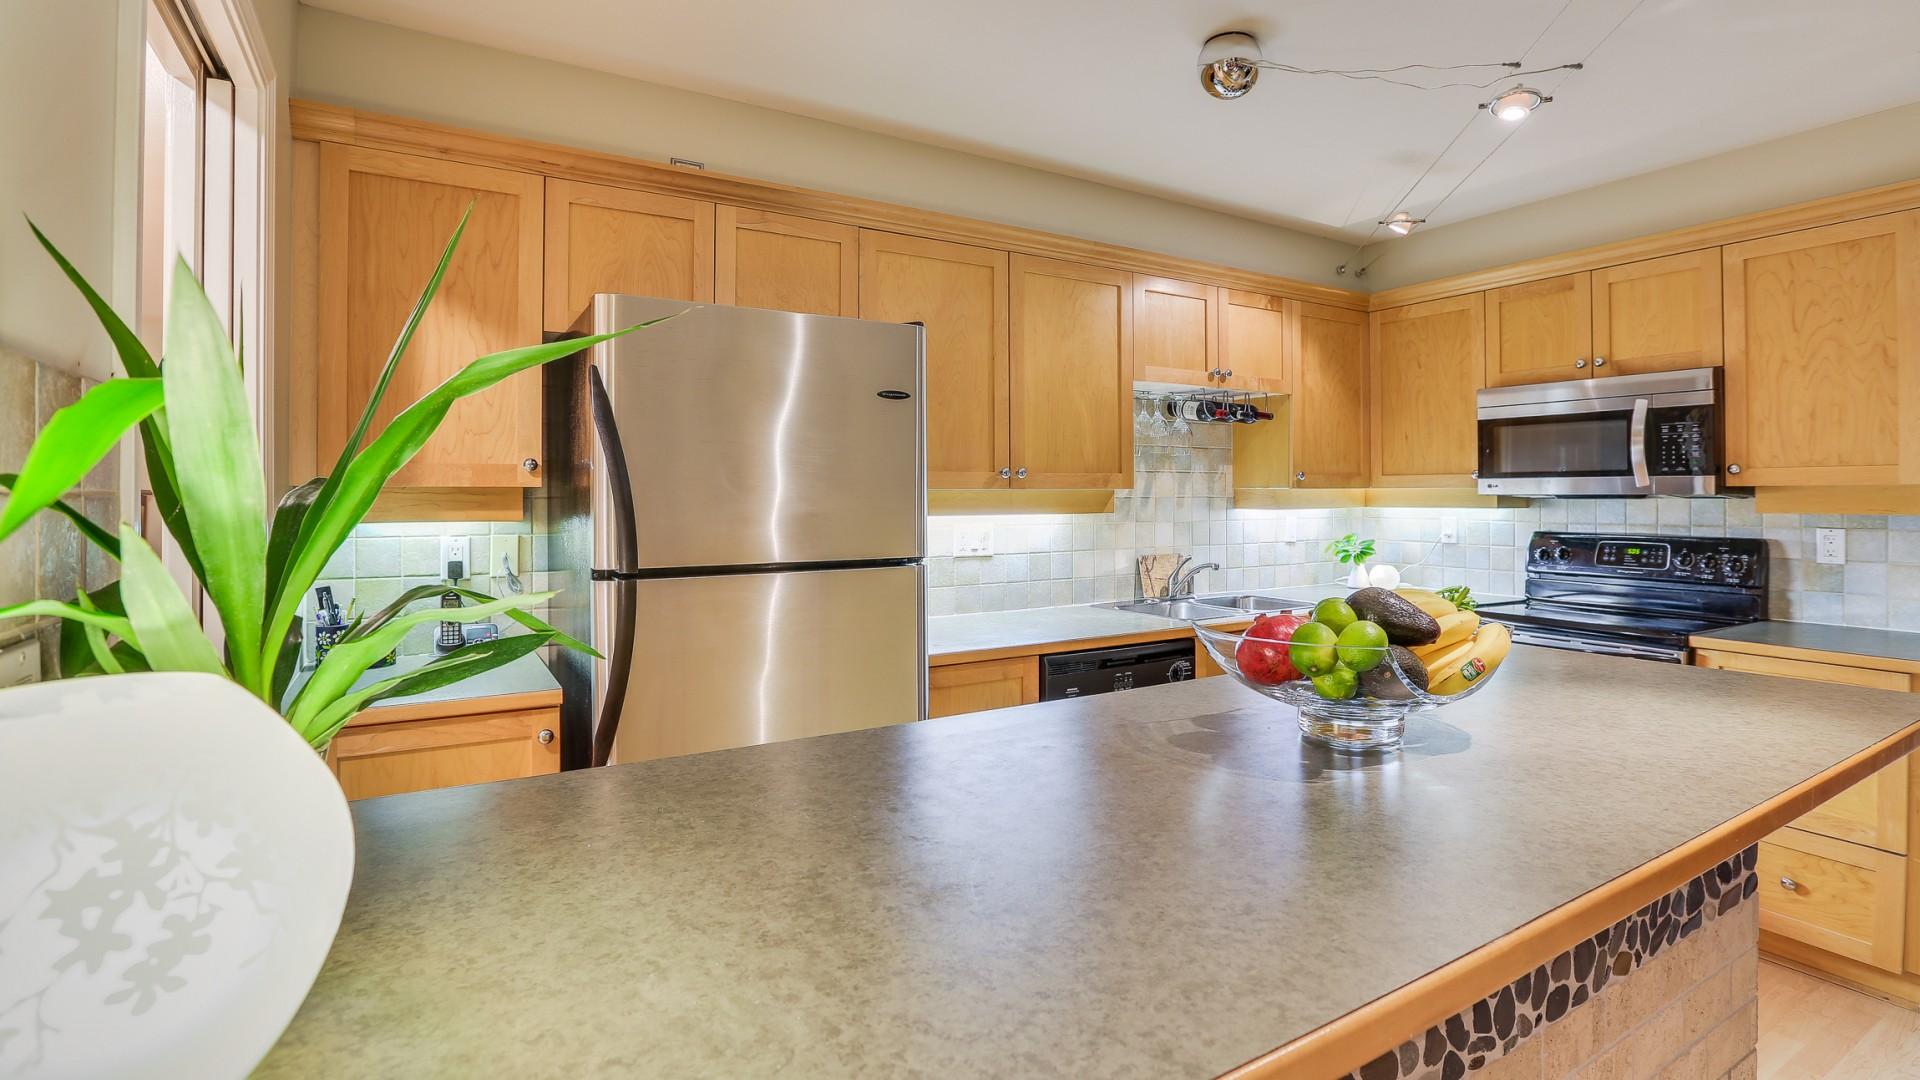 241 Kitchen-FS Kitchen